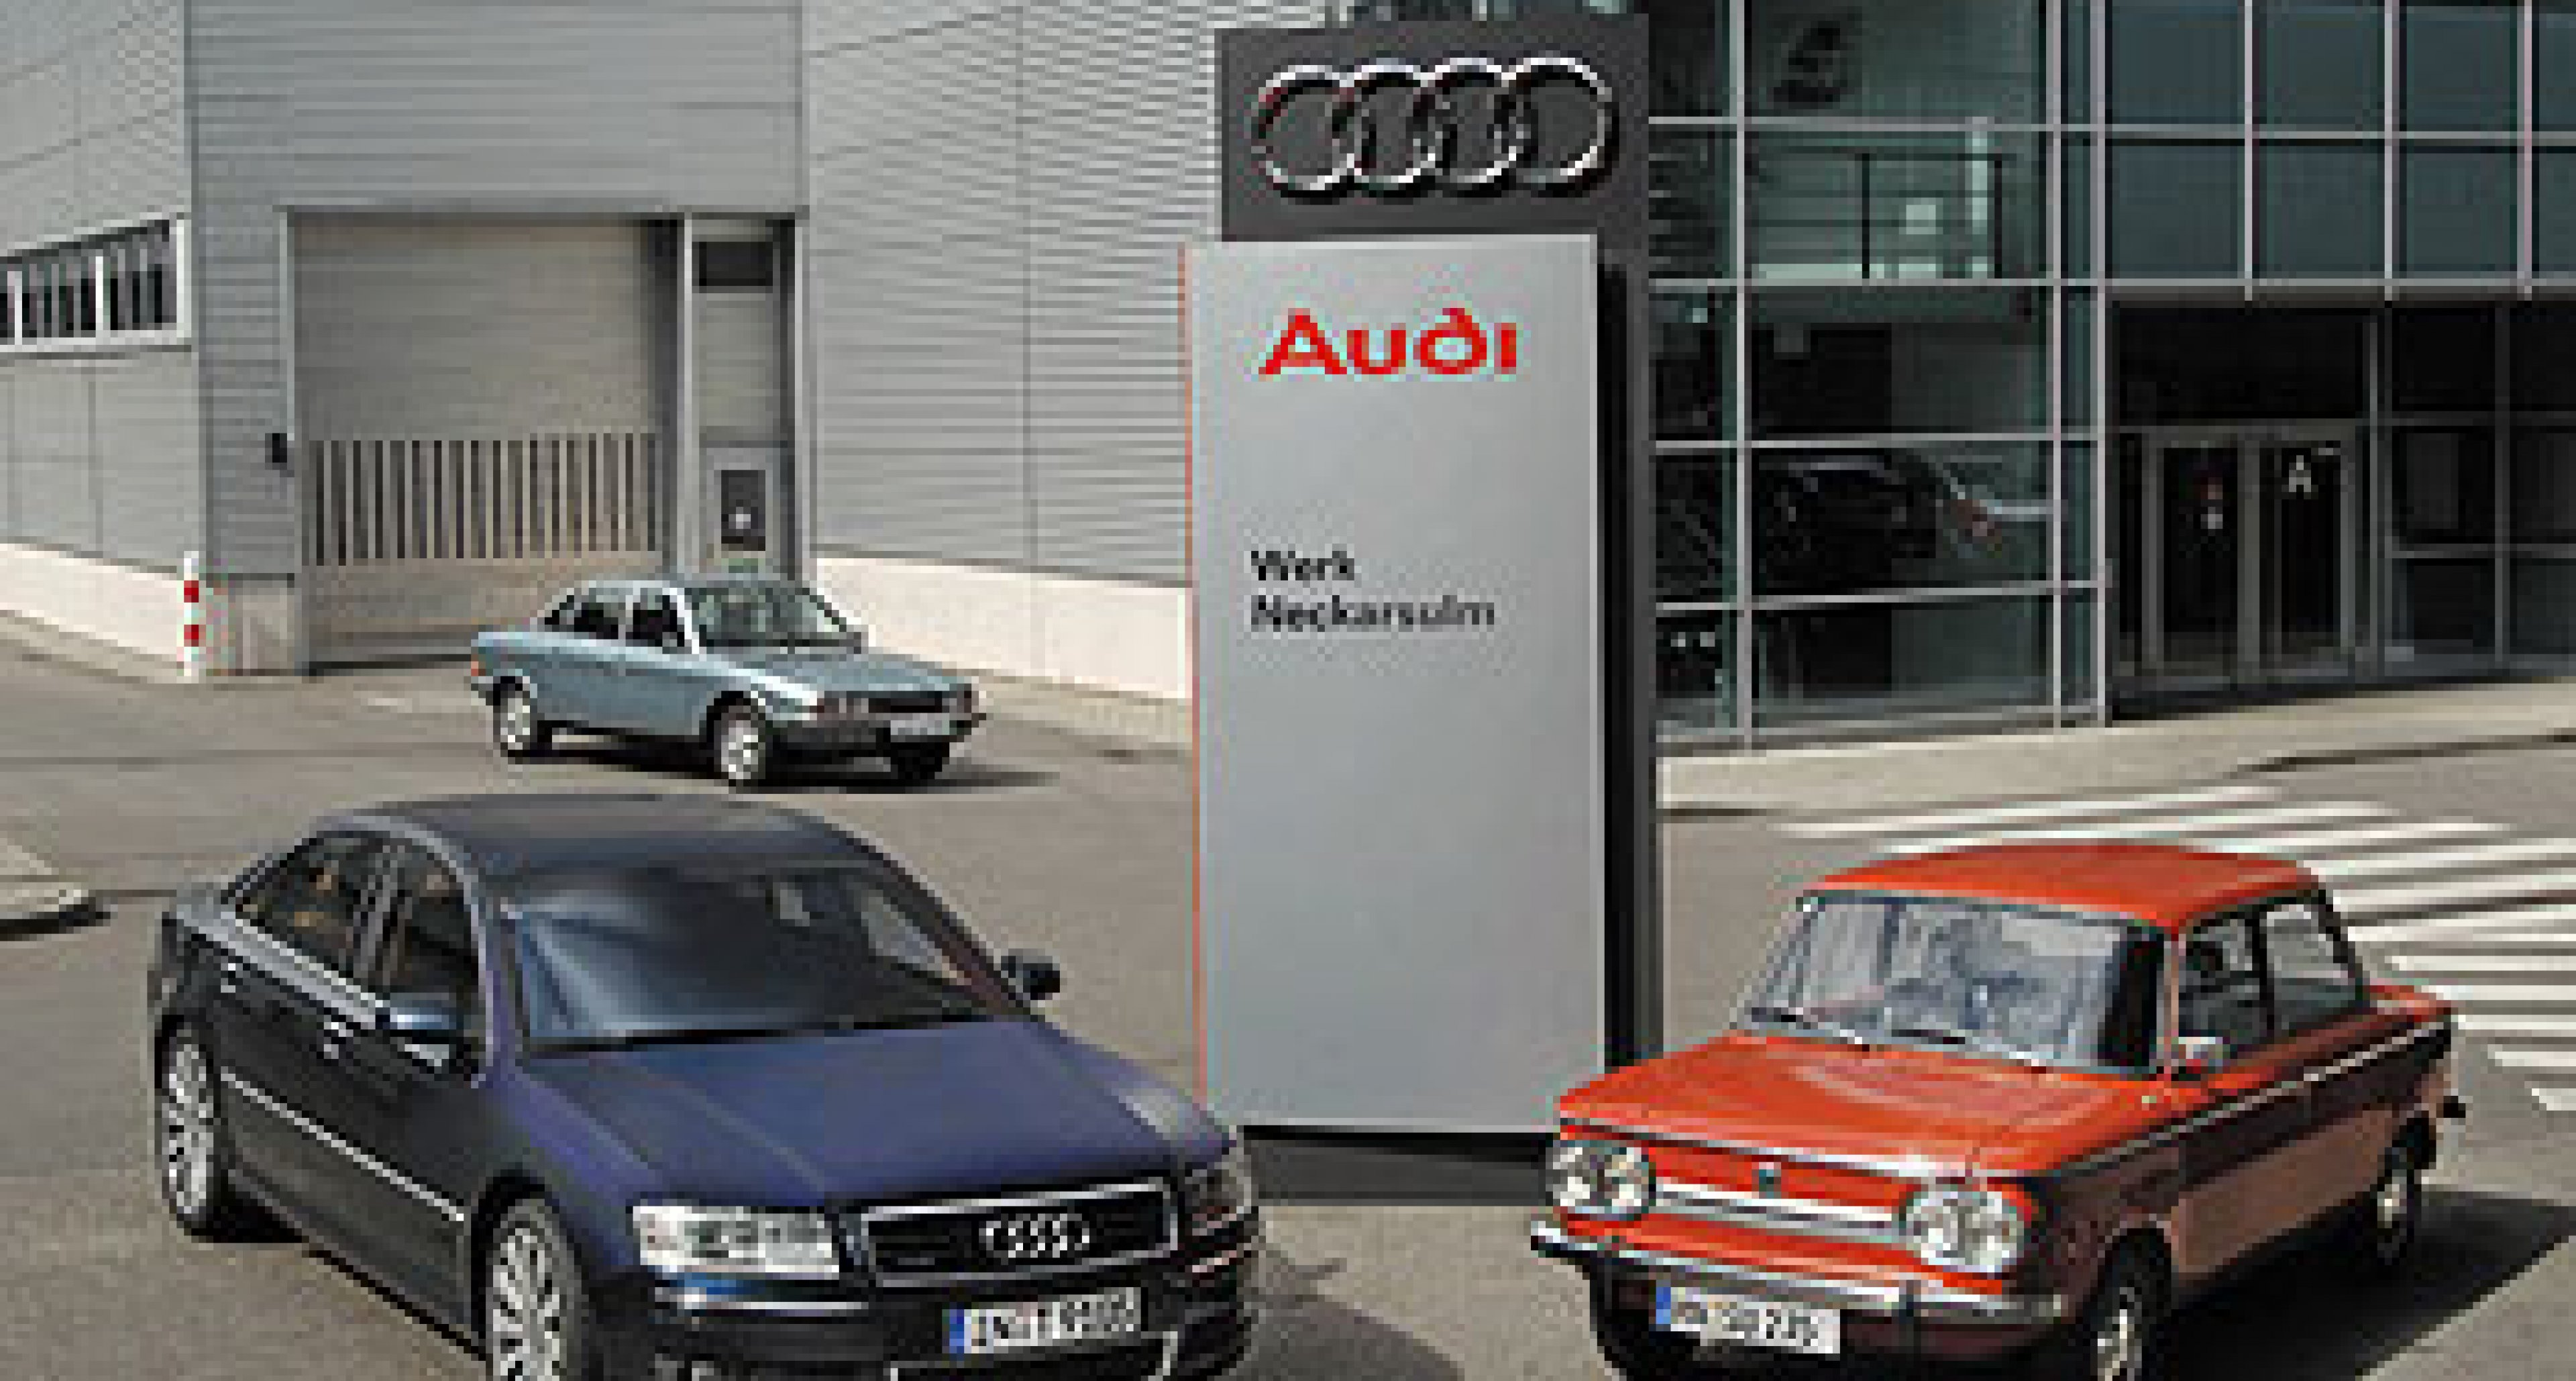 Audi in Neckarsulm: Fünf Millionen Autos